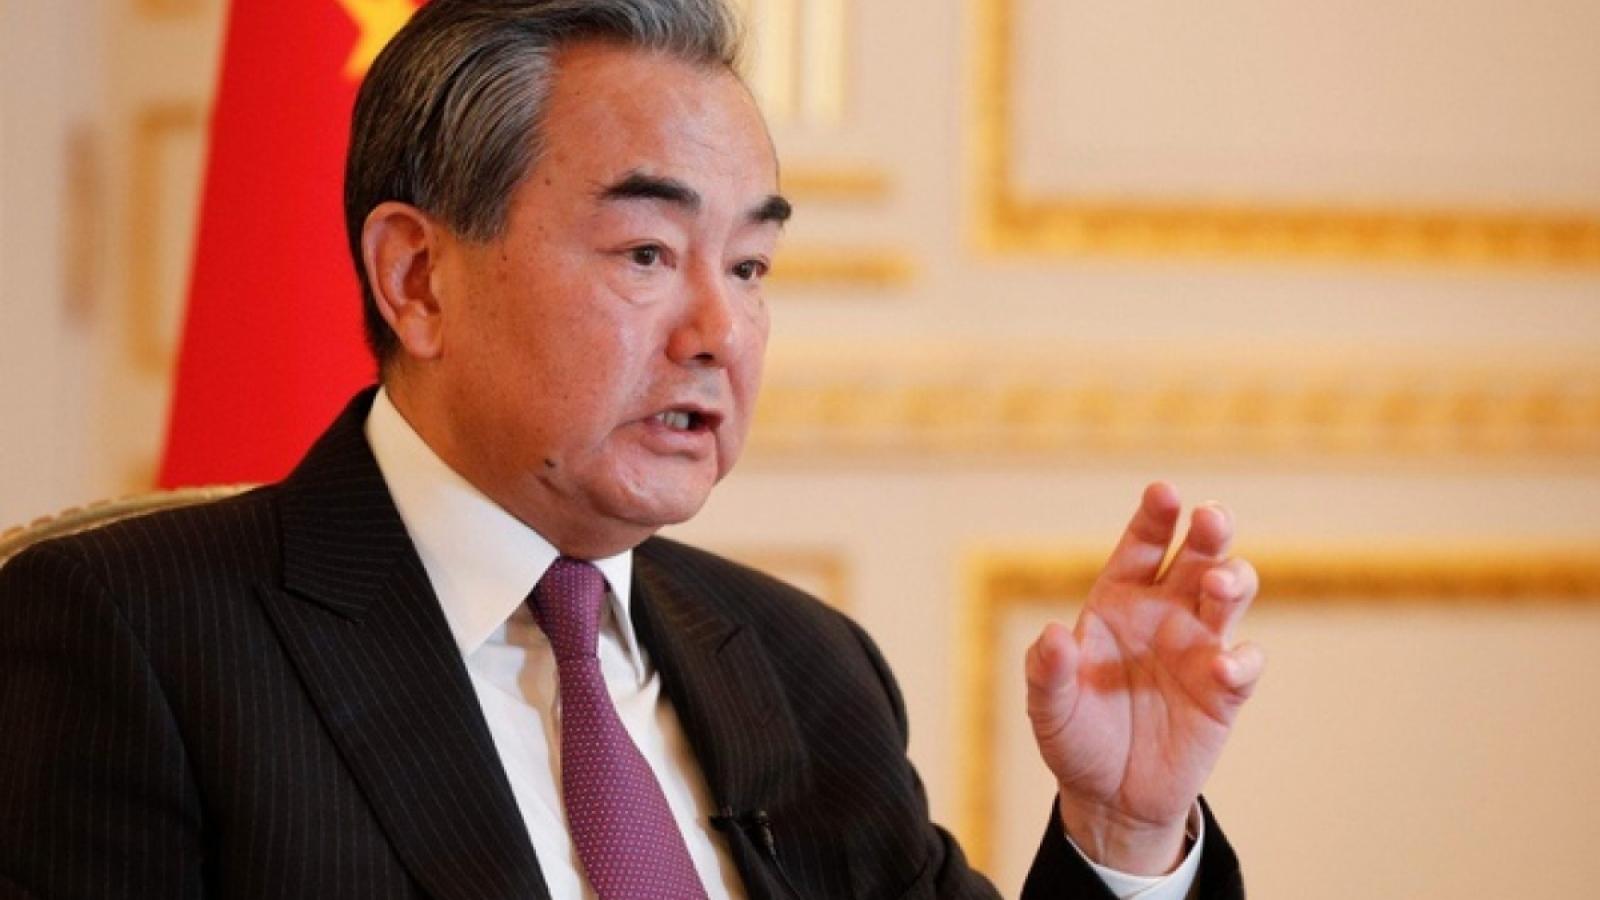 Ngoại trưởng Trung Quốc Vương Nghị điện đàm với Ngoại trưởng Mexico Marcelo Ebrard